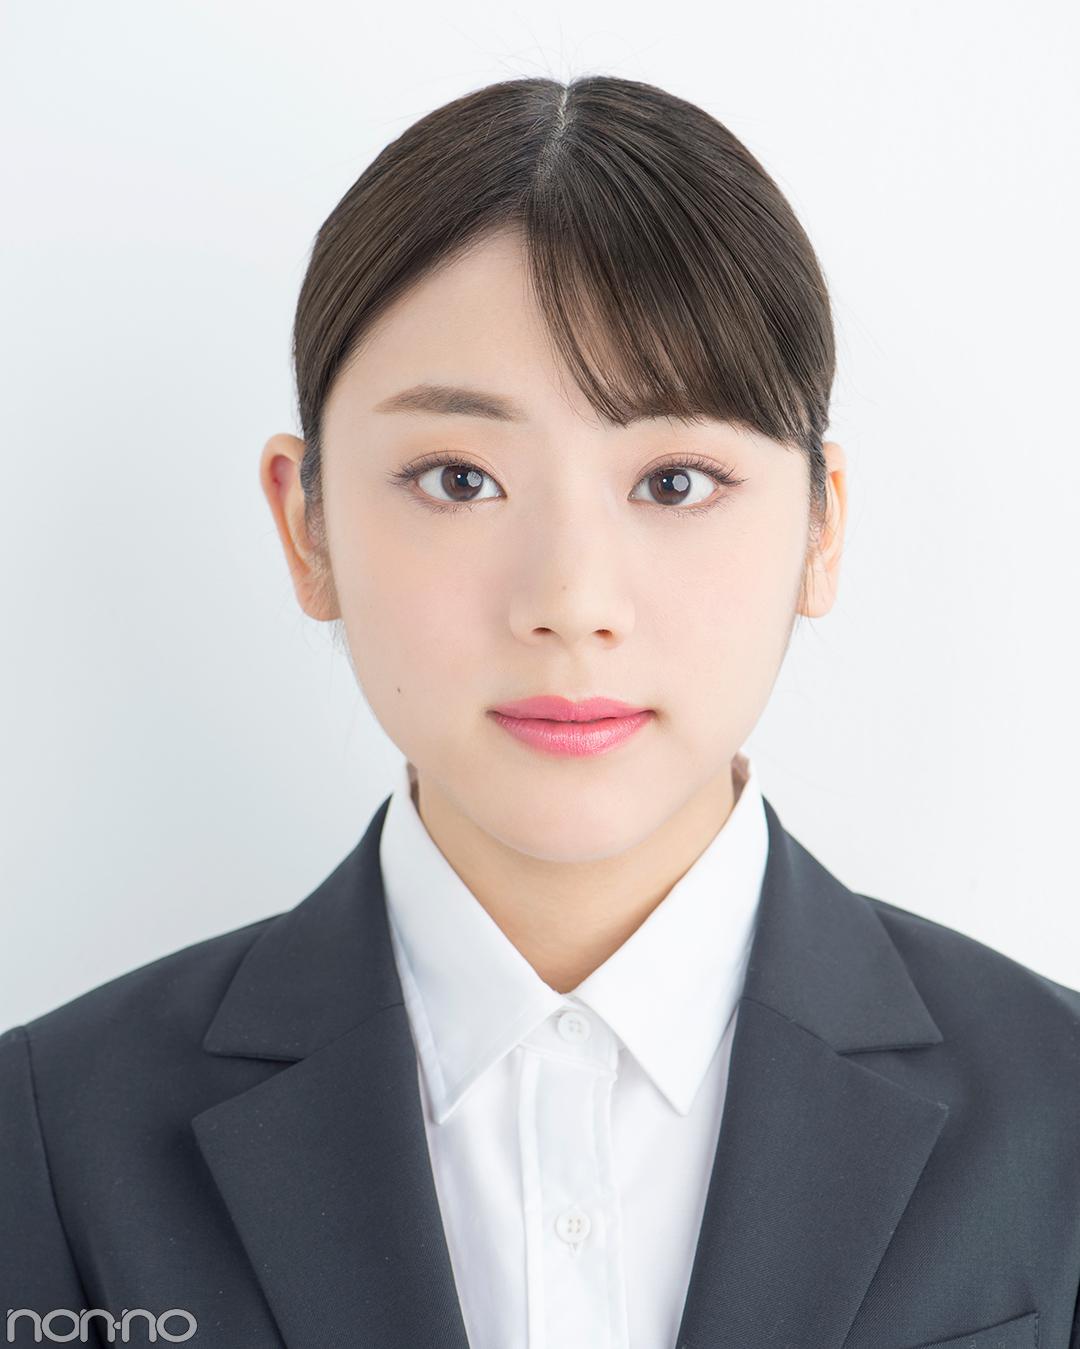 貴島明日香のブリリアージュ就活メイク